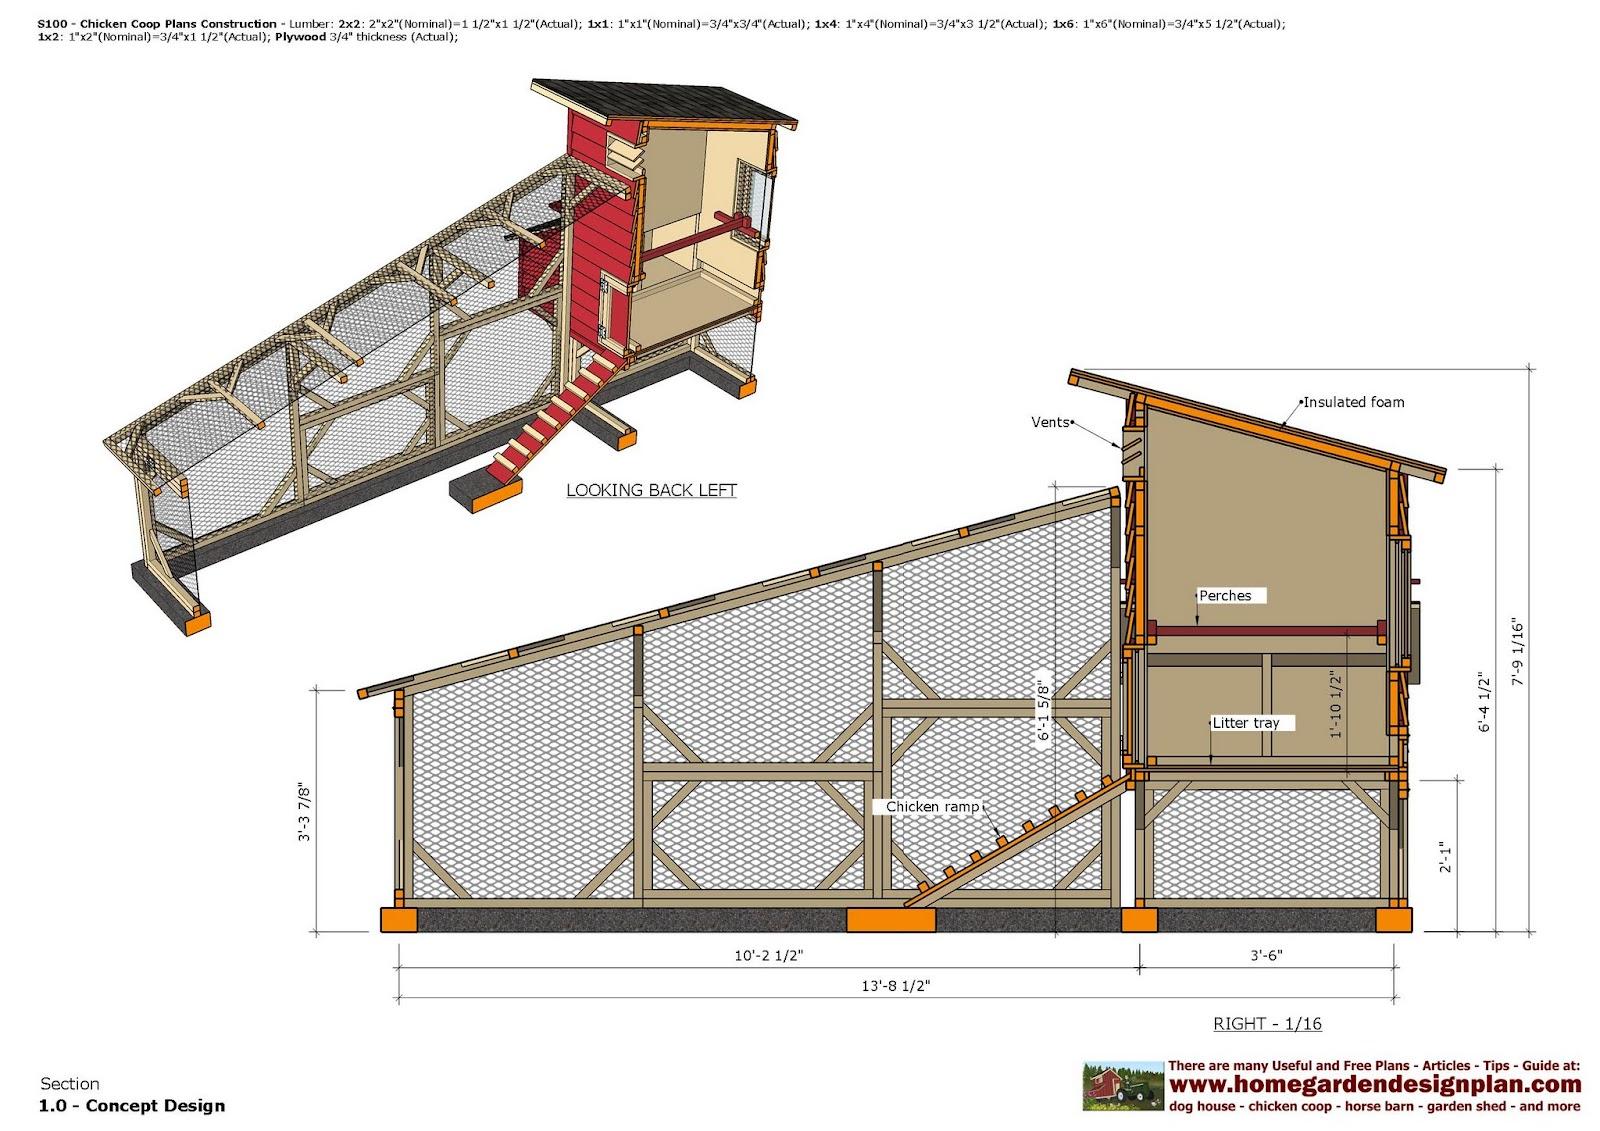 A Frame Chicken Coop Plans : Home garden plans s chicken coop